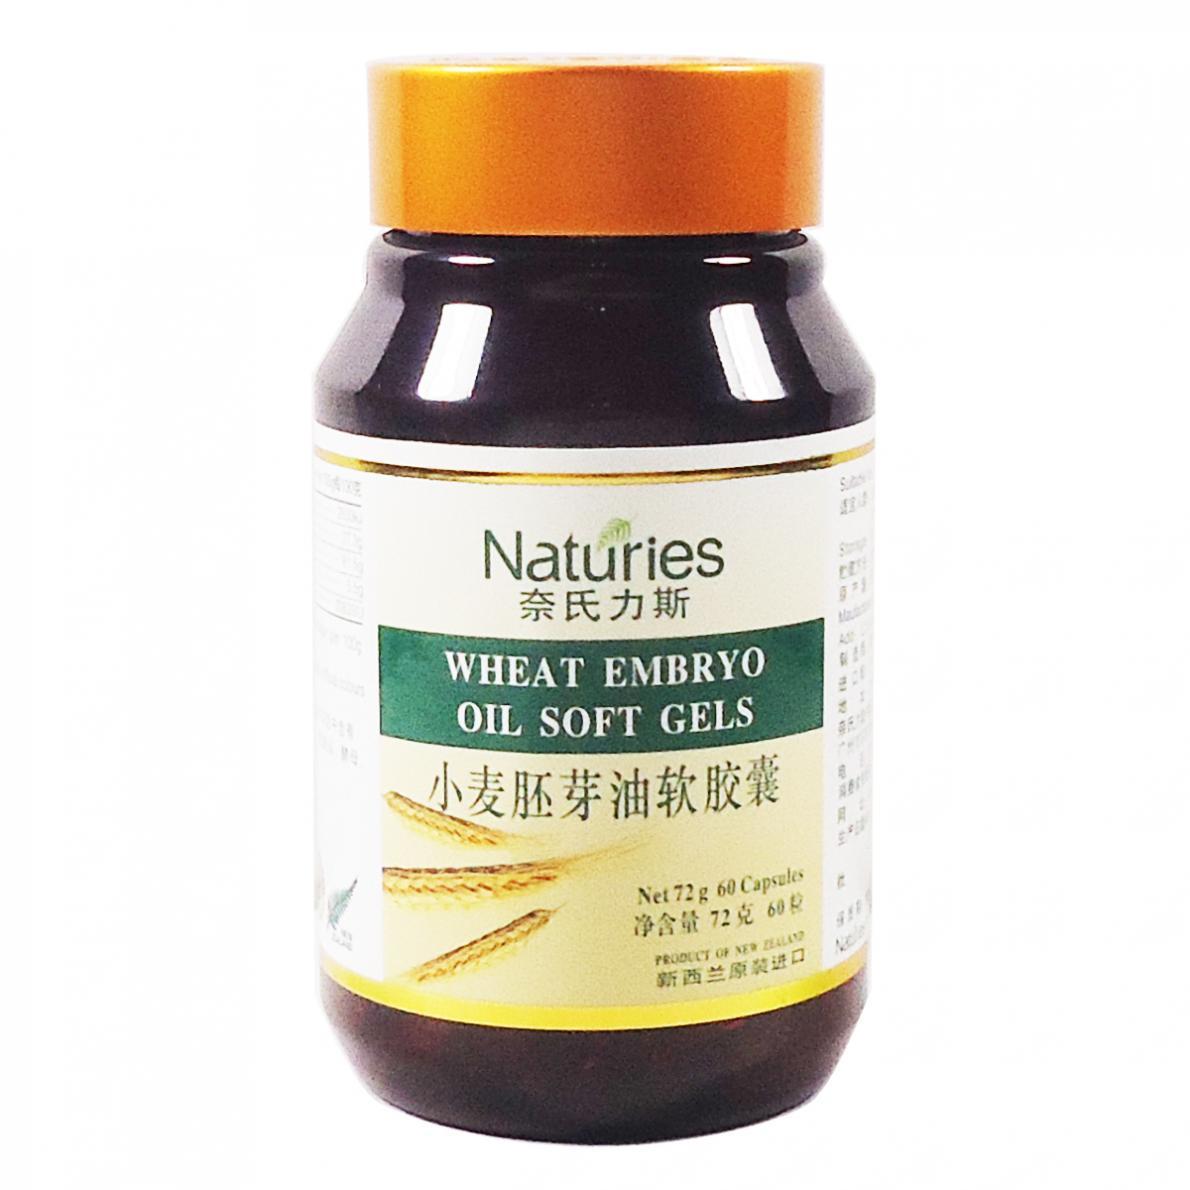 奈氏力斯 小麦胚芽油软胶囊 新西兰 1200mg*60粒